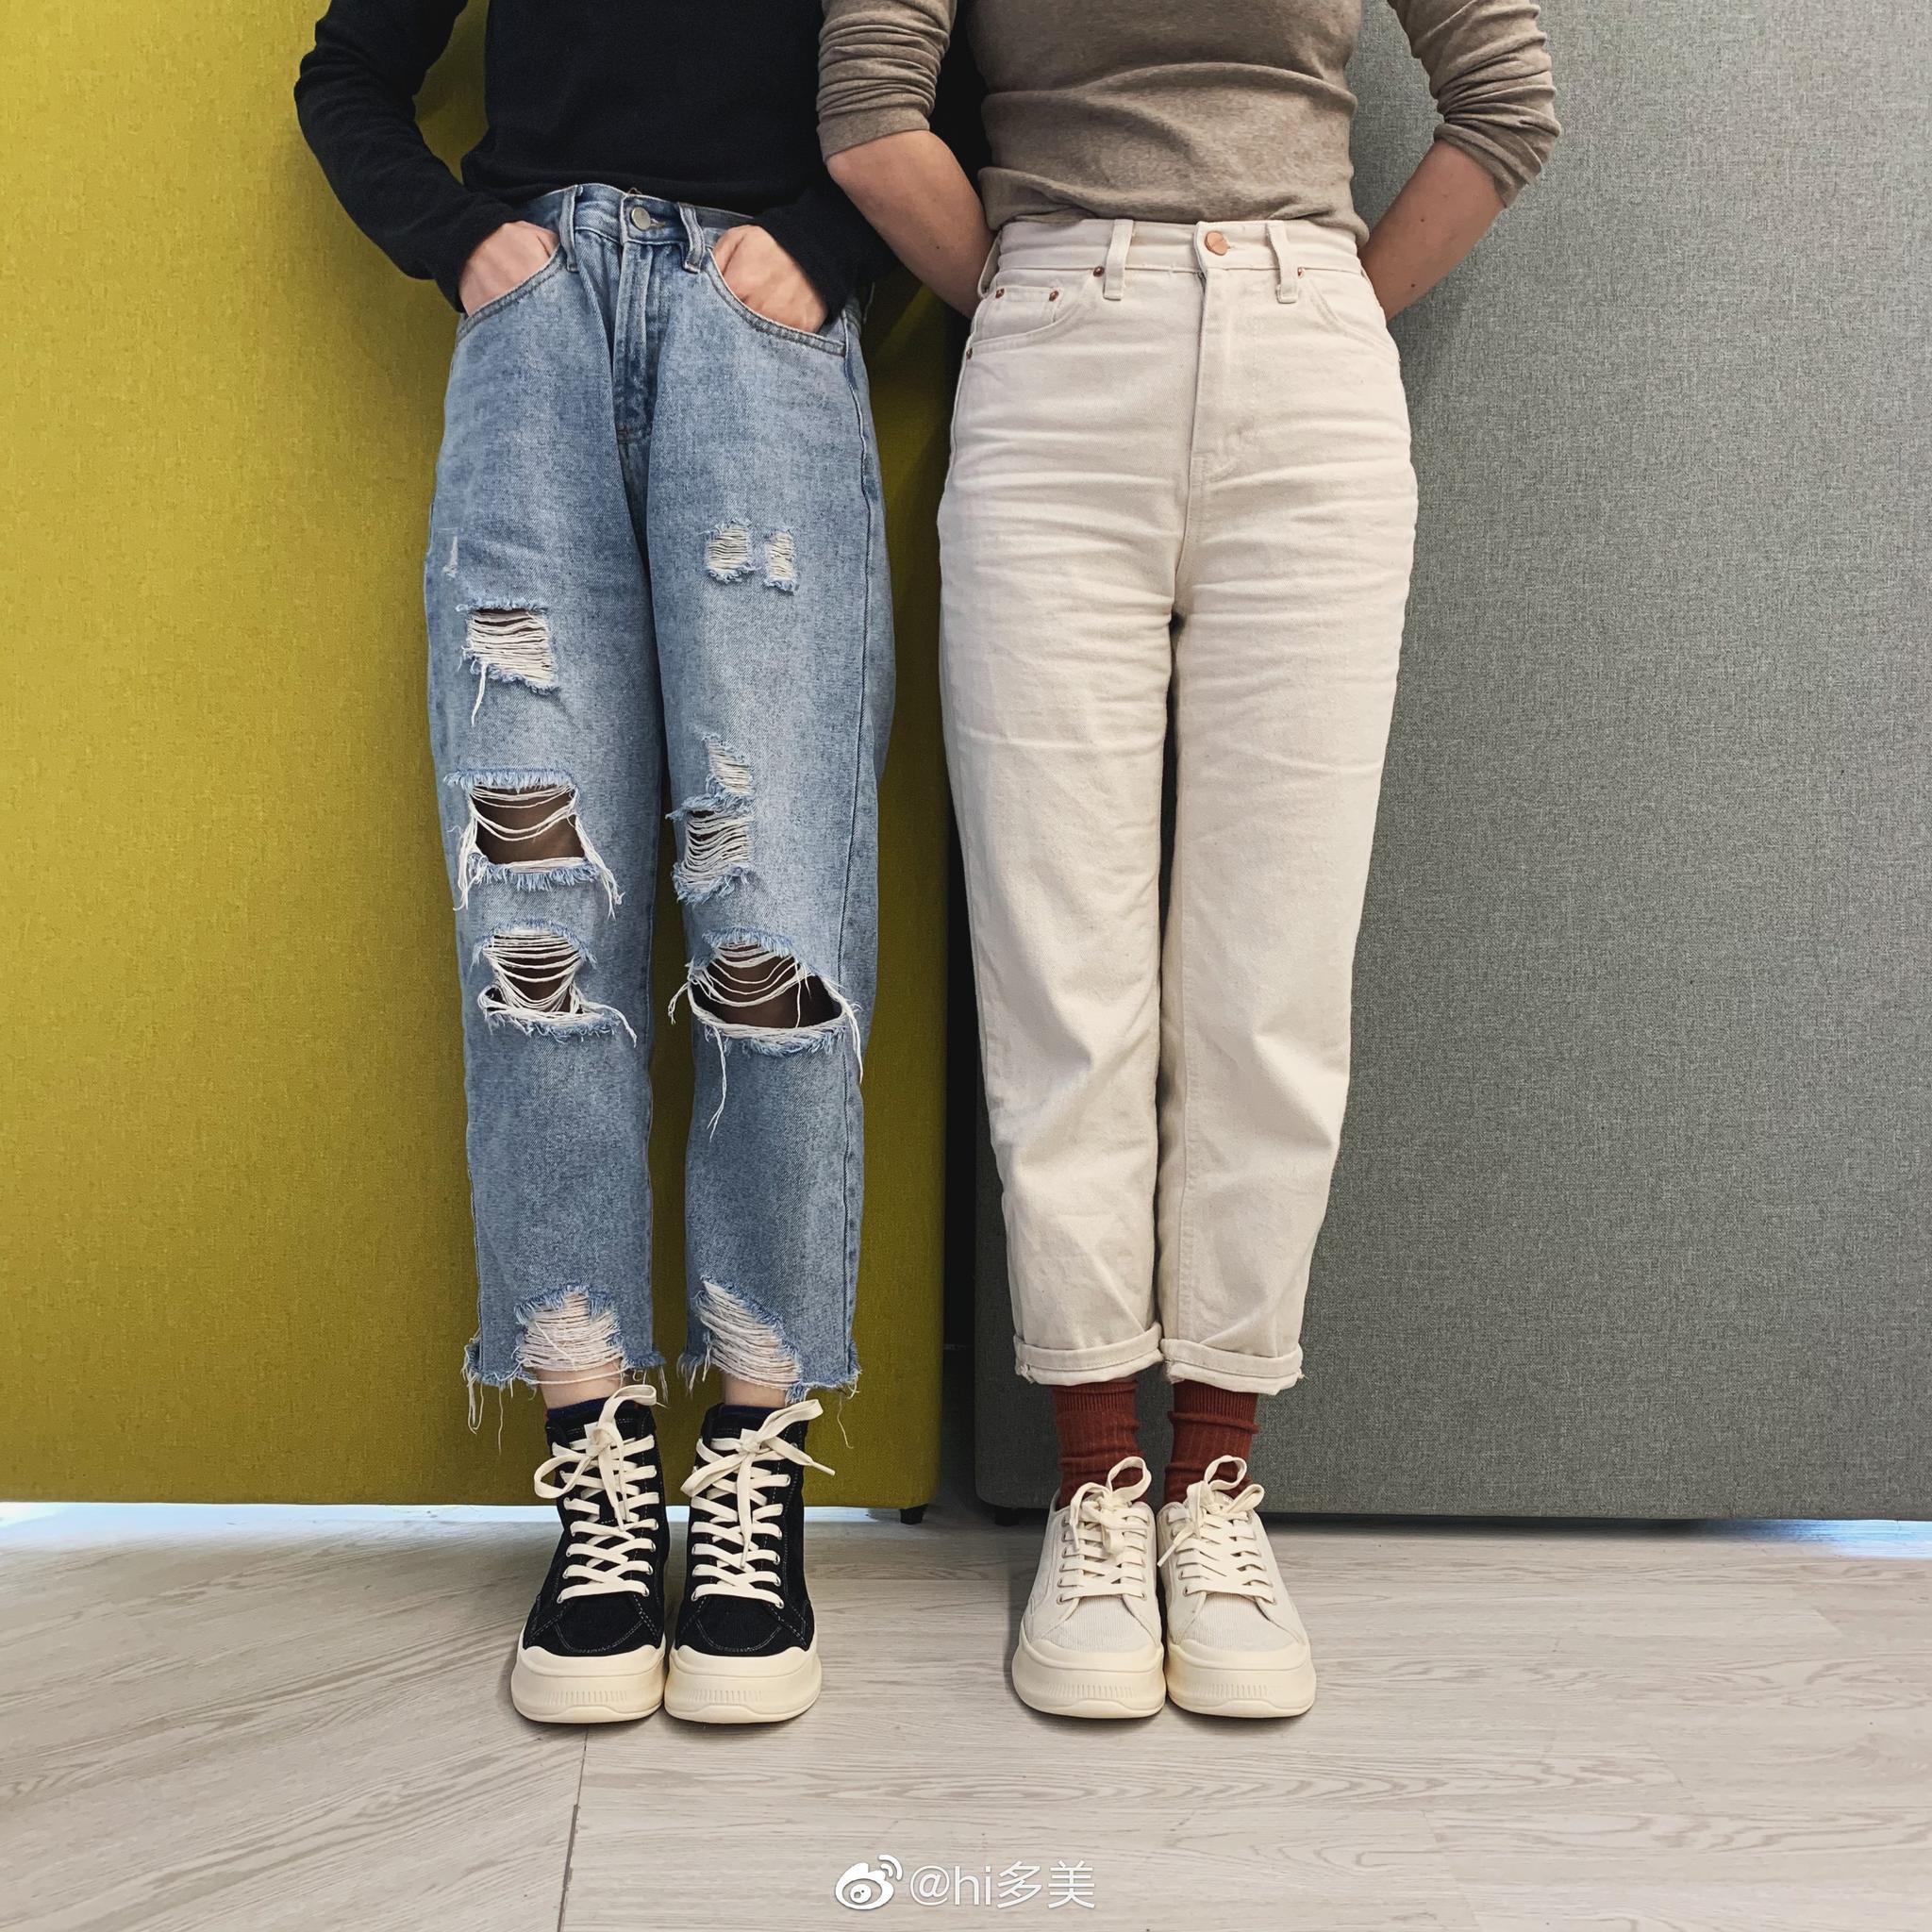 蕉下的鞋也很好穿,高帮低帮两种款式可选……